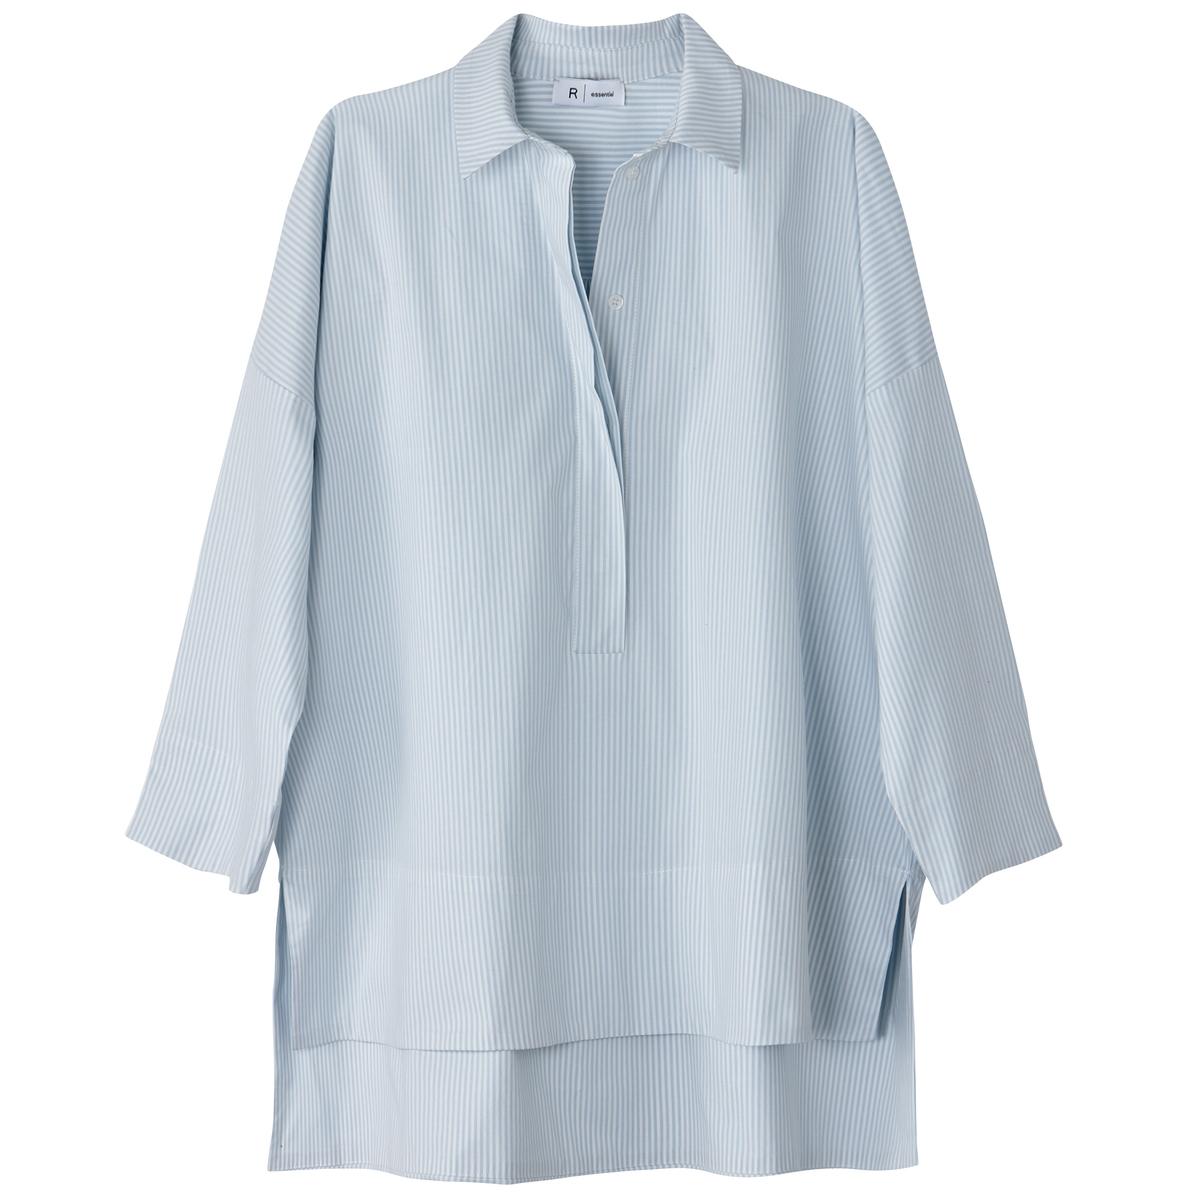 Блузка-поло в полоску с разрезами на манжетах